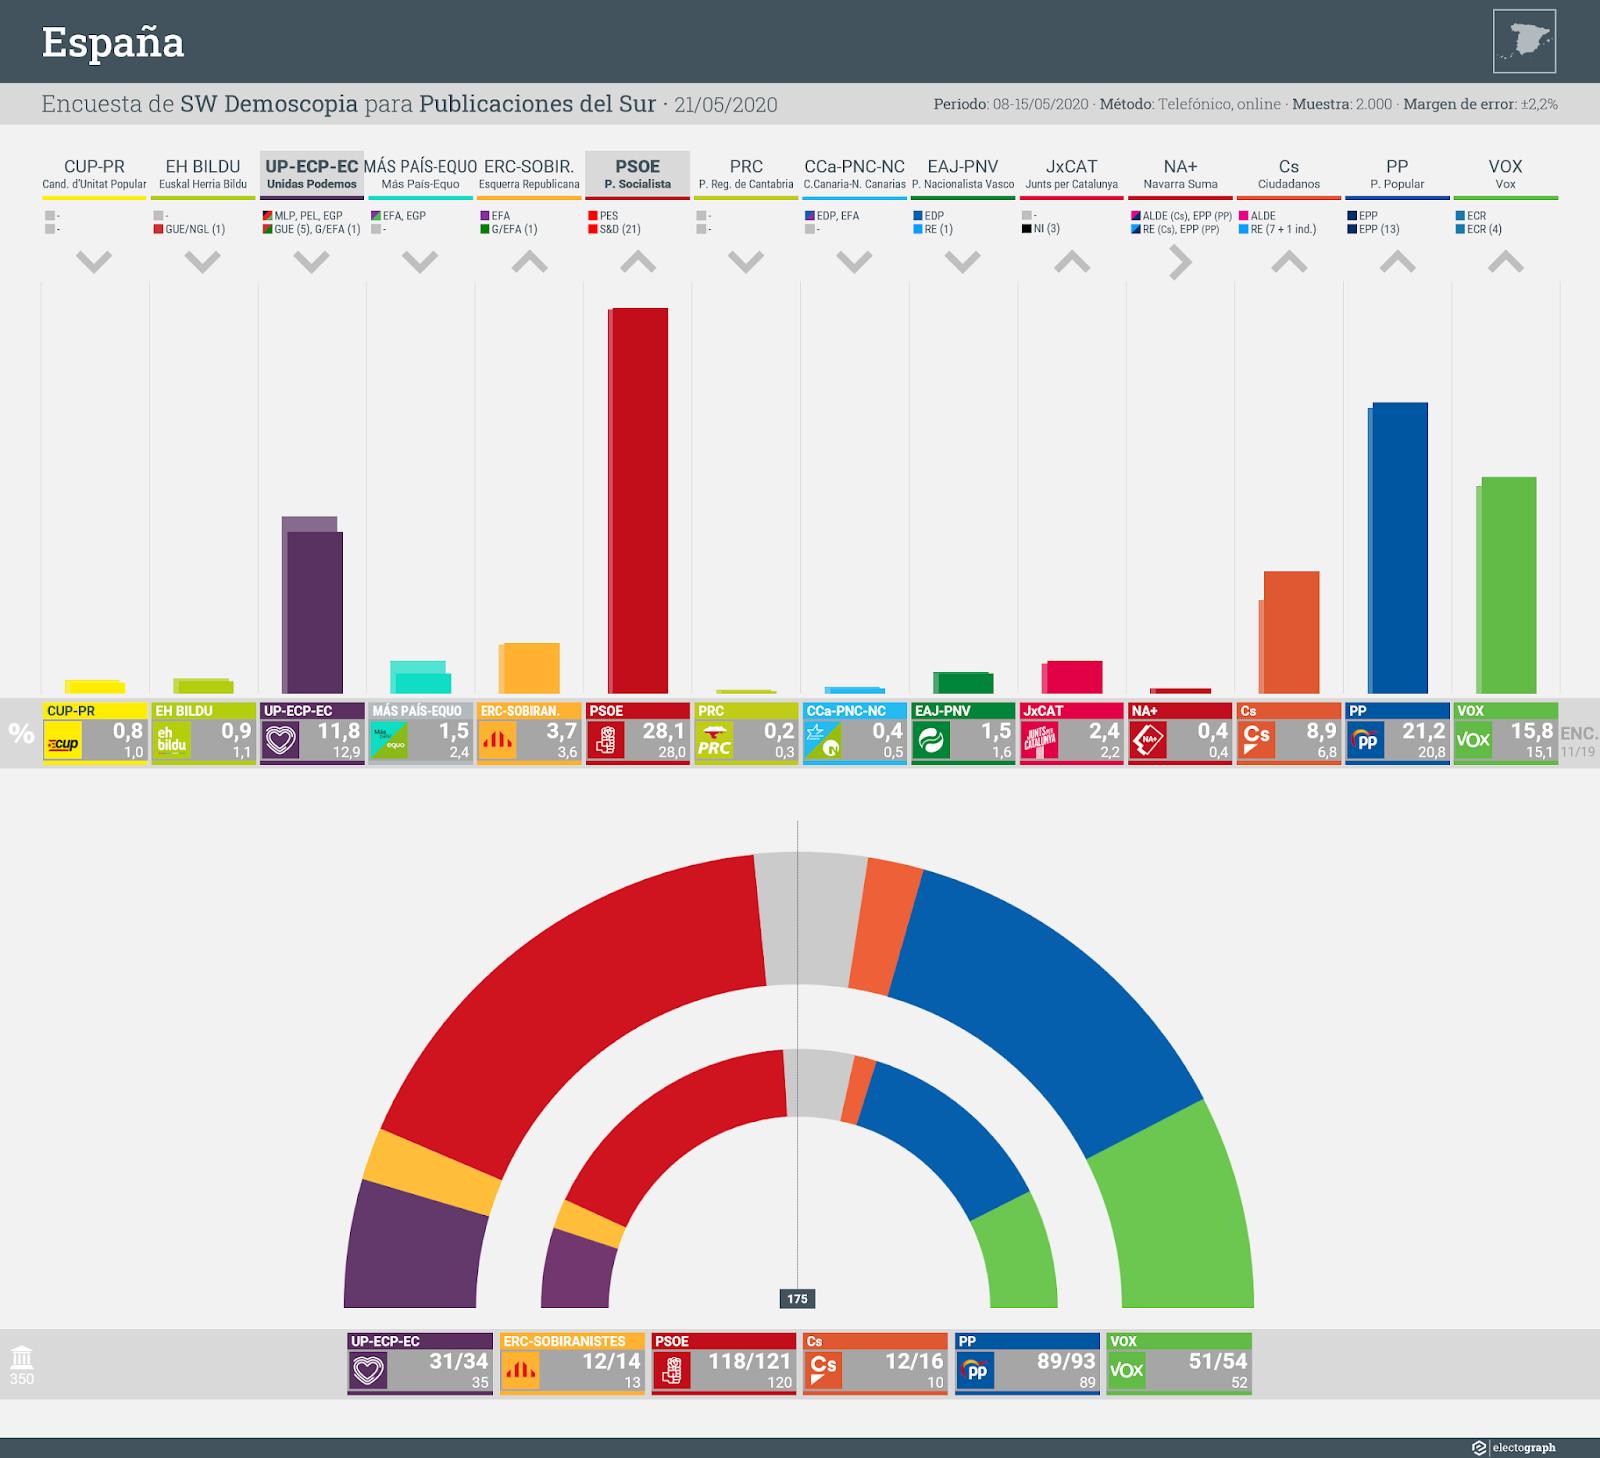 Gráfico de la encuesta para elecciones generales en España realizada por SW Demoscopia, 21 de mayo de 2020